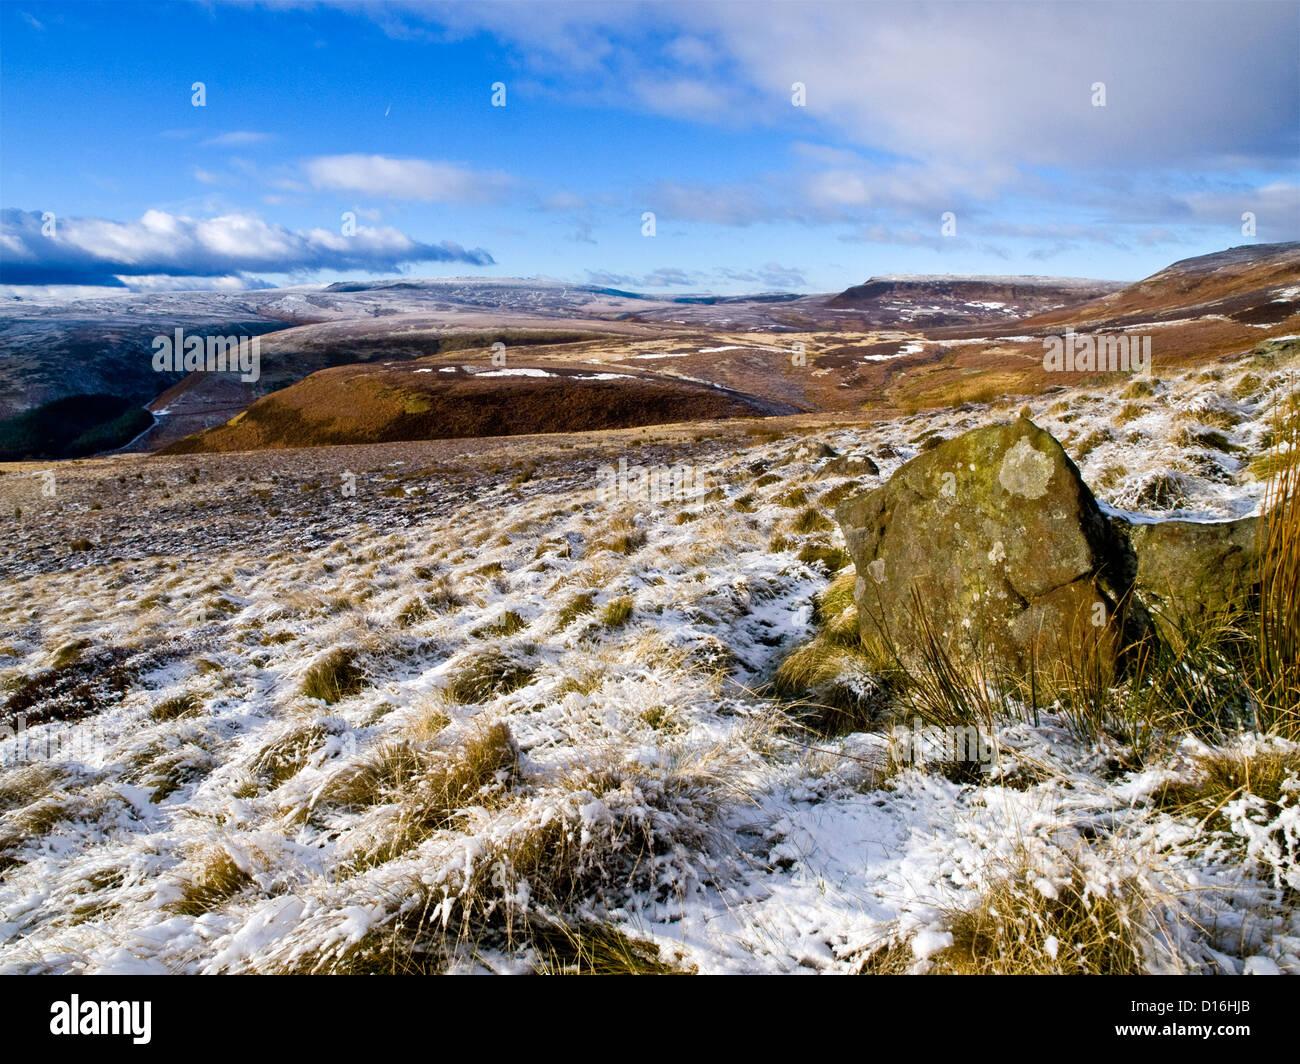 Dark Peak moorland around the Upper Derwent Valley,  Peak District National Park, winter - Stock Image